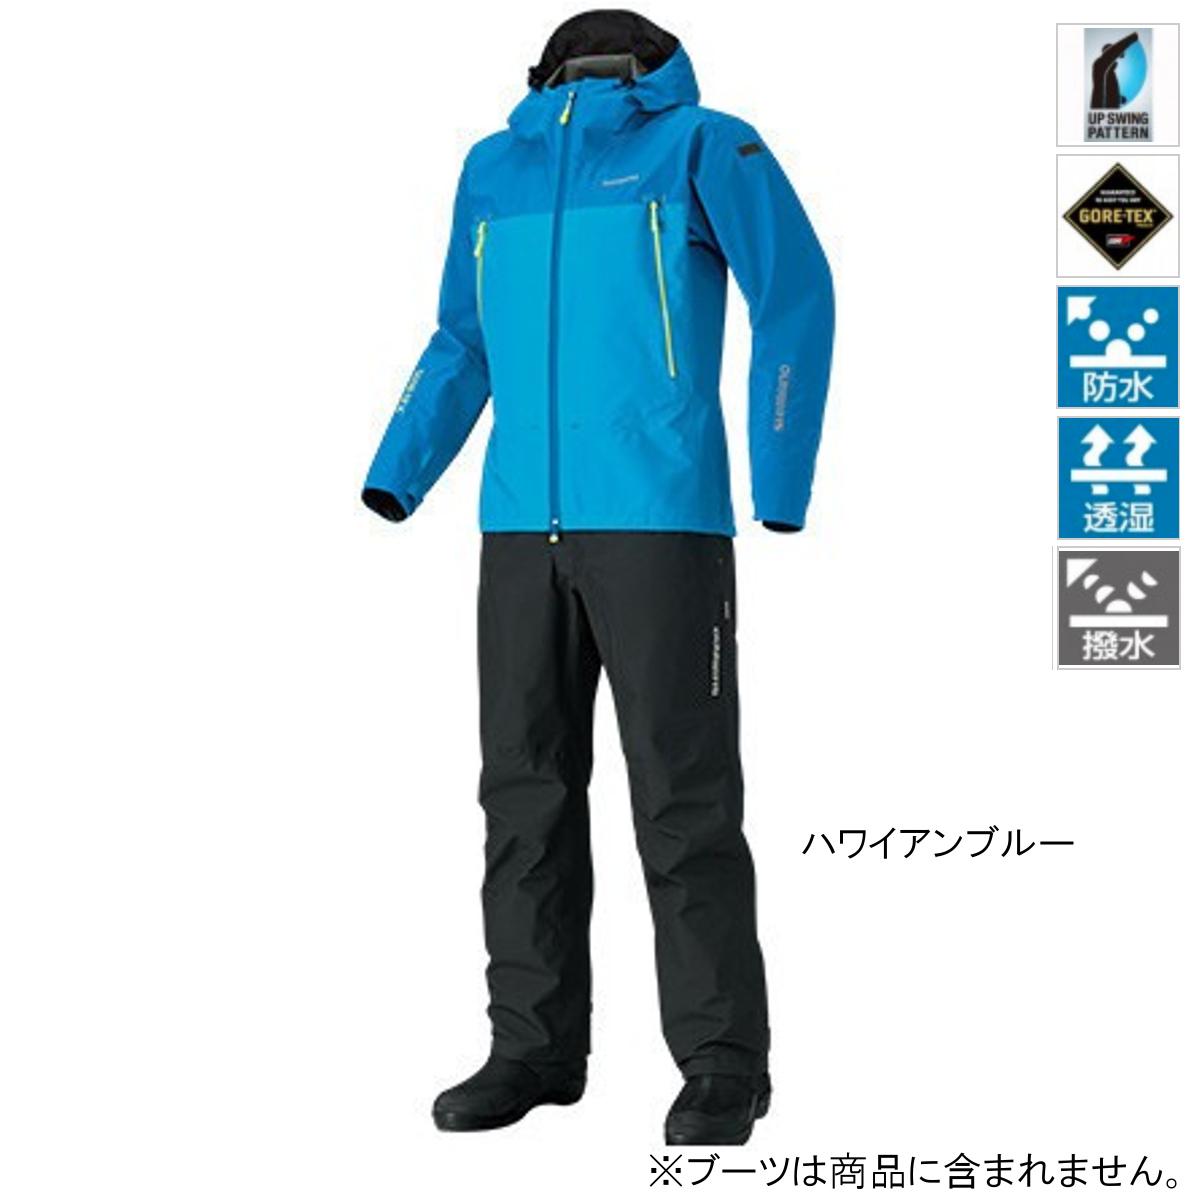 シマノ GORE-TEX ベーシックスーツ RA-017R XL ハワイアンブルー(東日本店)